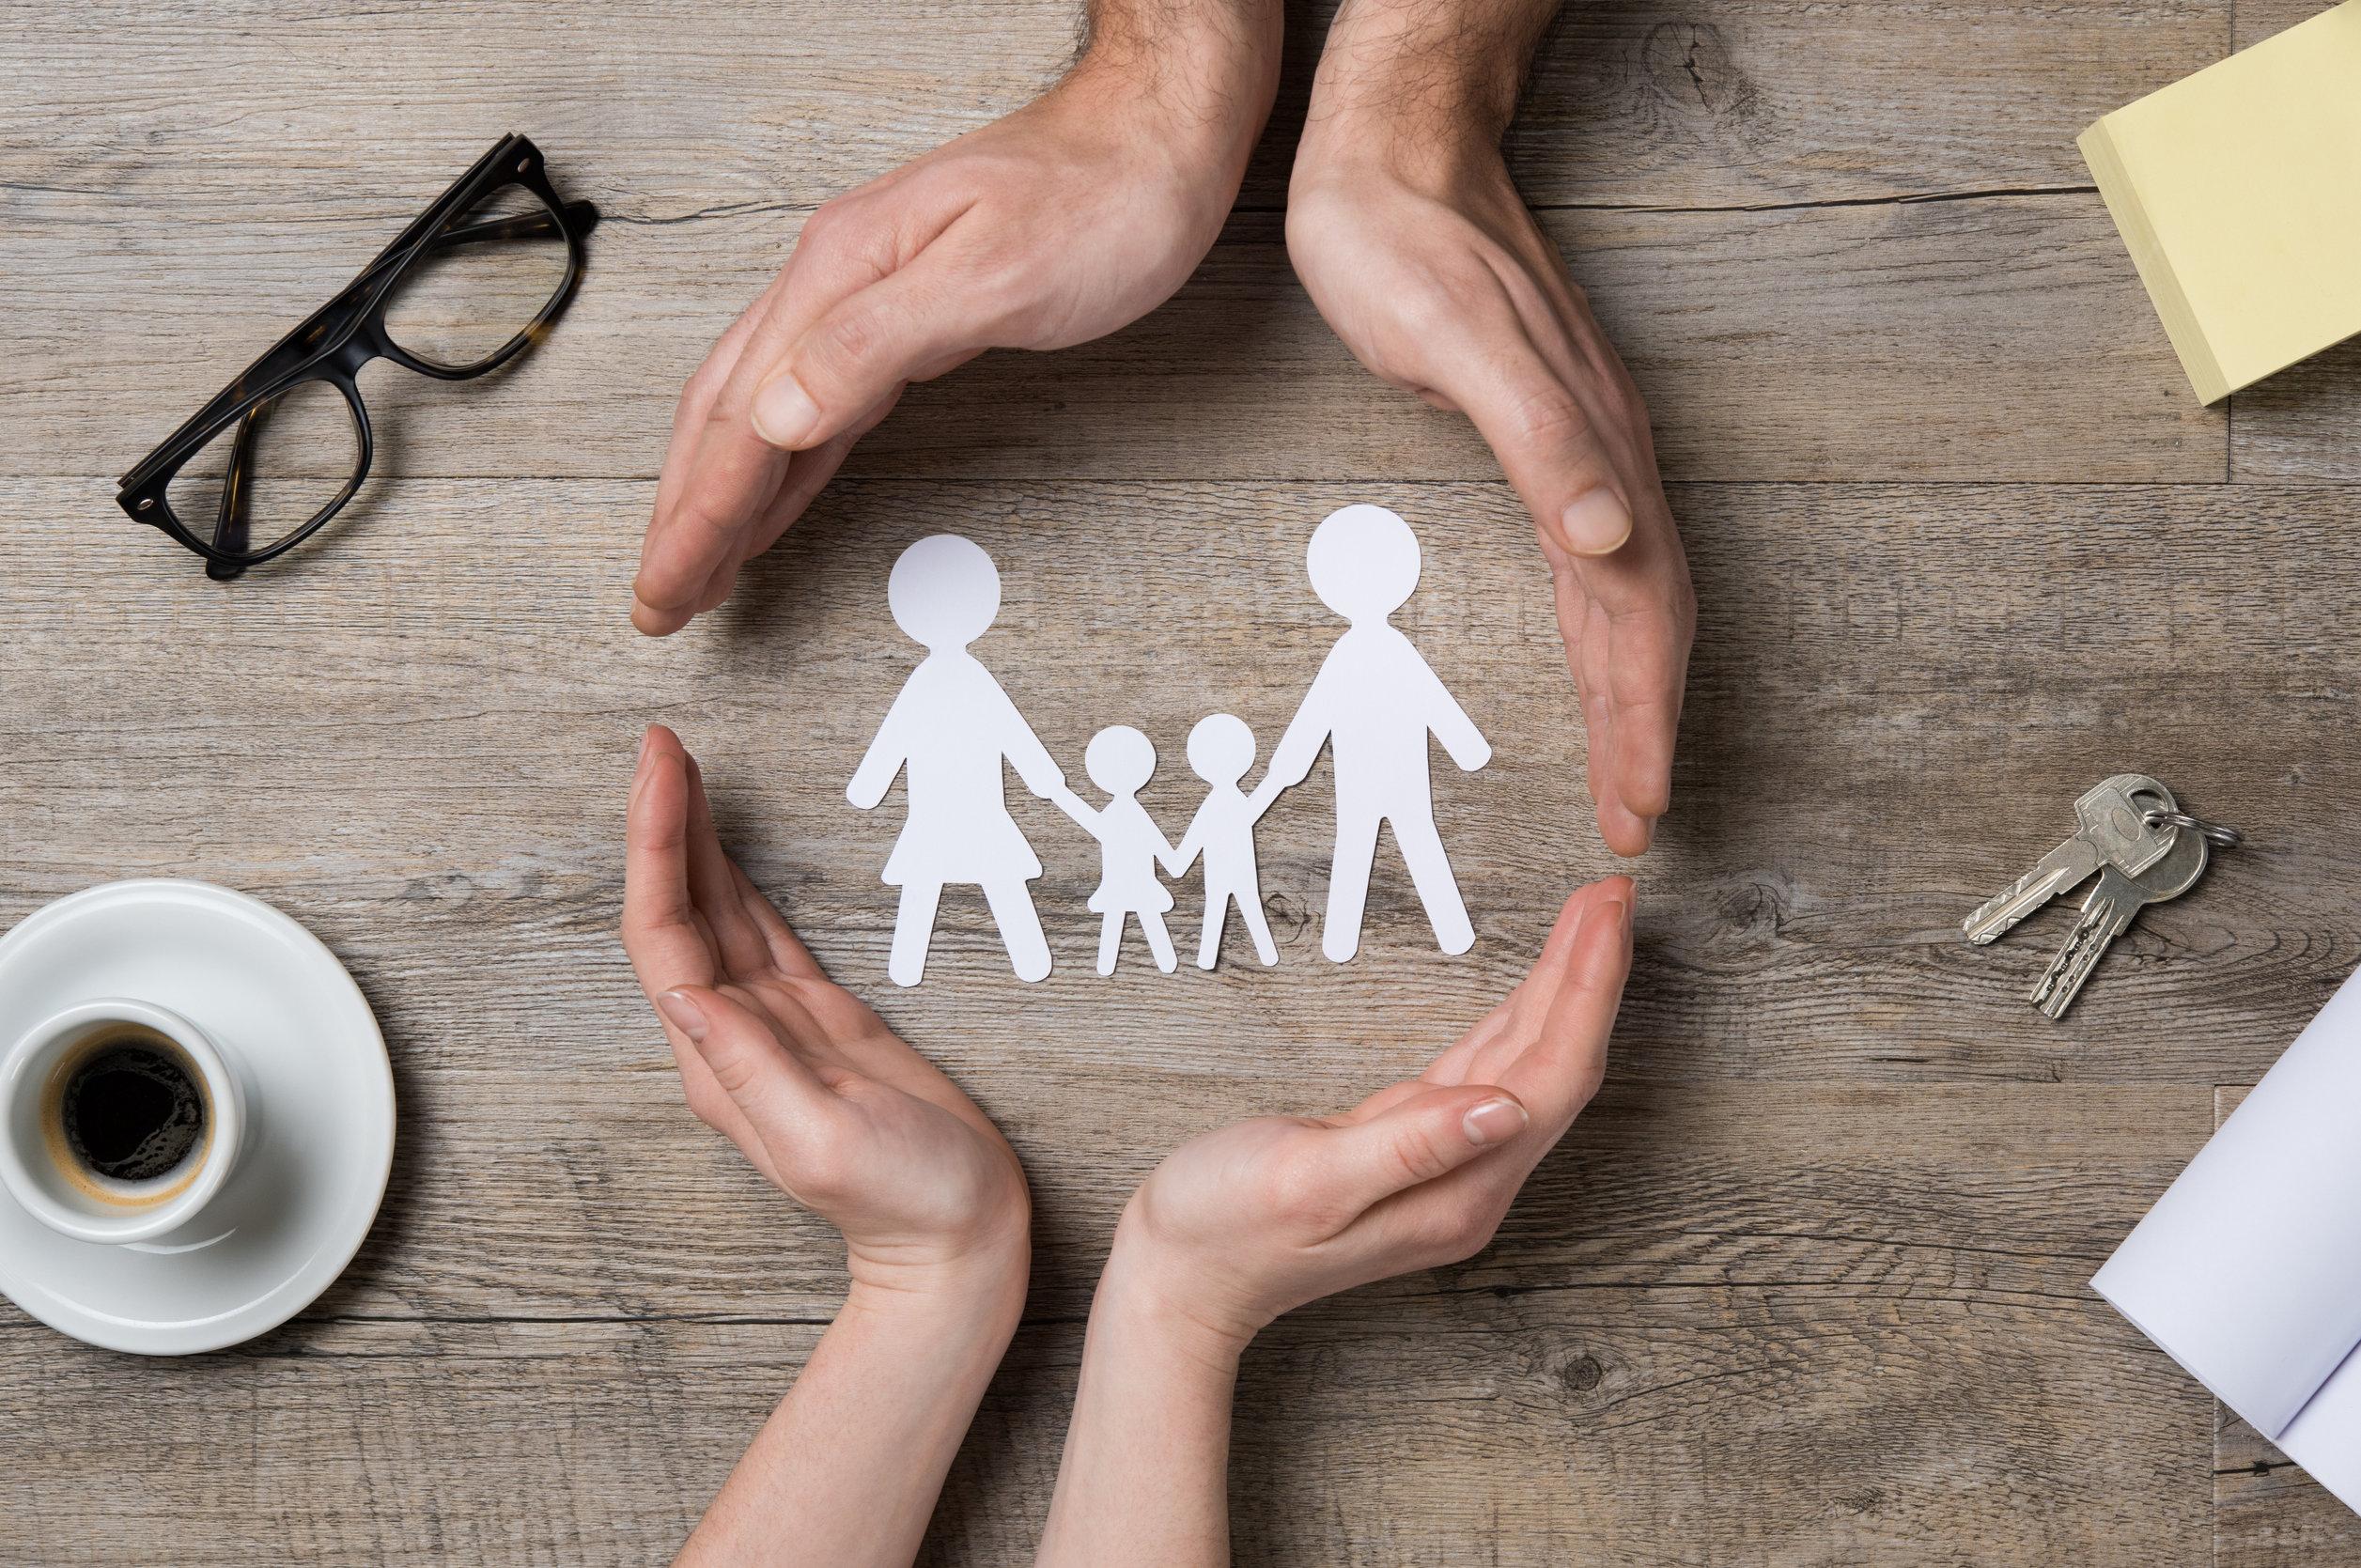 Qué hace la Seguridad Social y de que se ocupan otros organismos como el SEPE, el IMSERSO o Hacienda. | Sala de prensa Grupo Asesor ADADE y E-Consulting Global Group